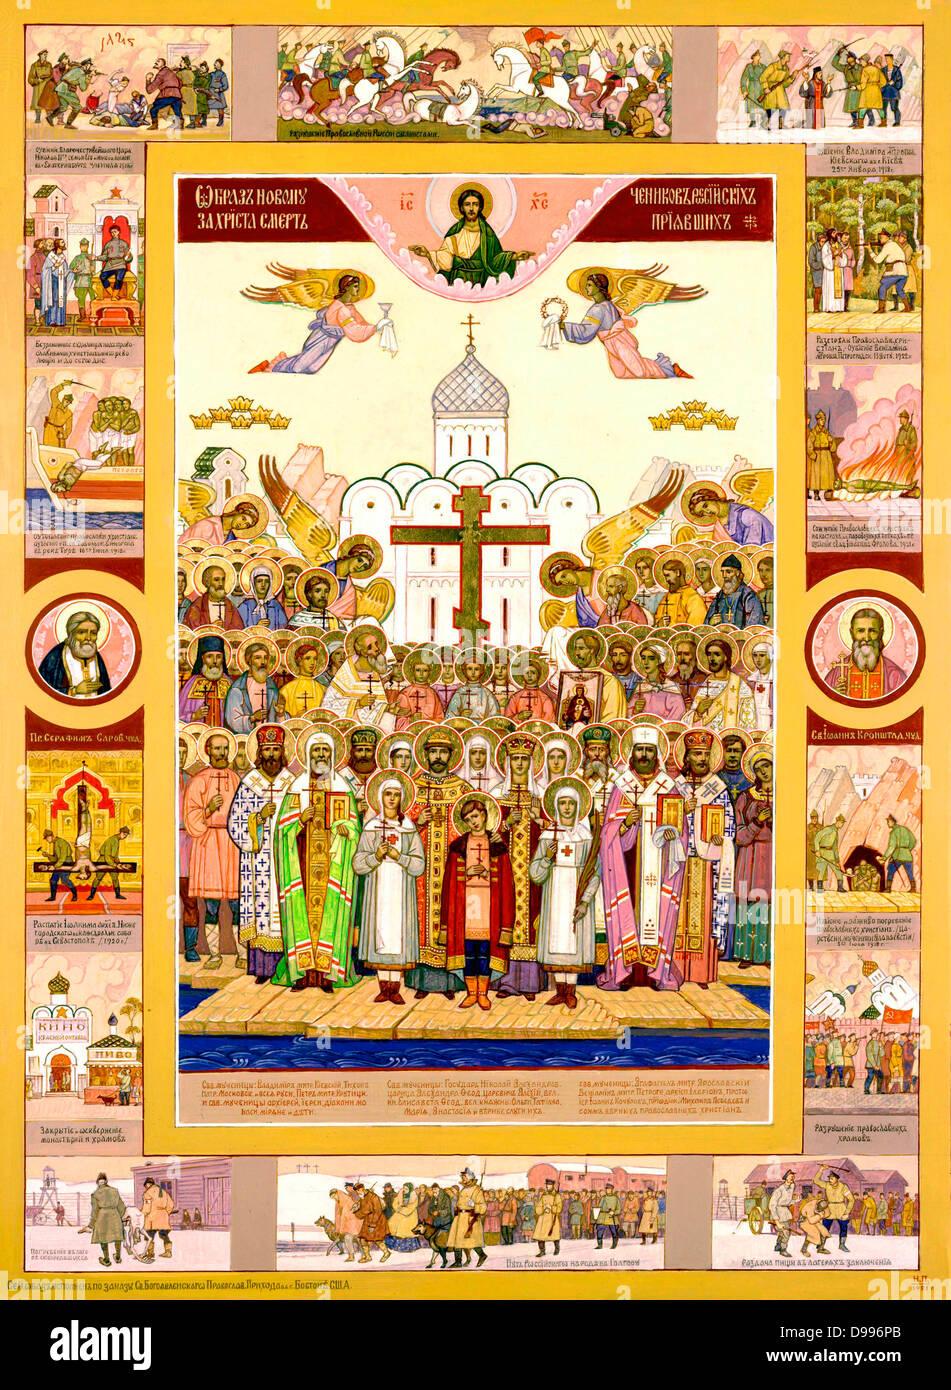 Icono moderno data de 2005 mostrando los santos de la Iglesia ortodoxa rusa, incluida la familia imperial del zar Imagen De Stock